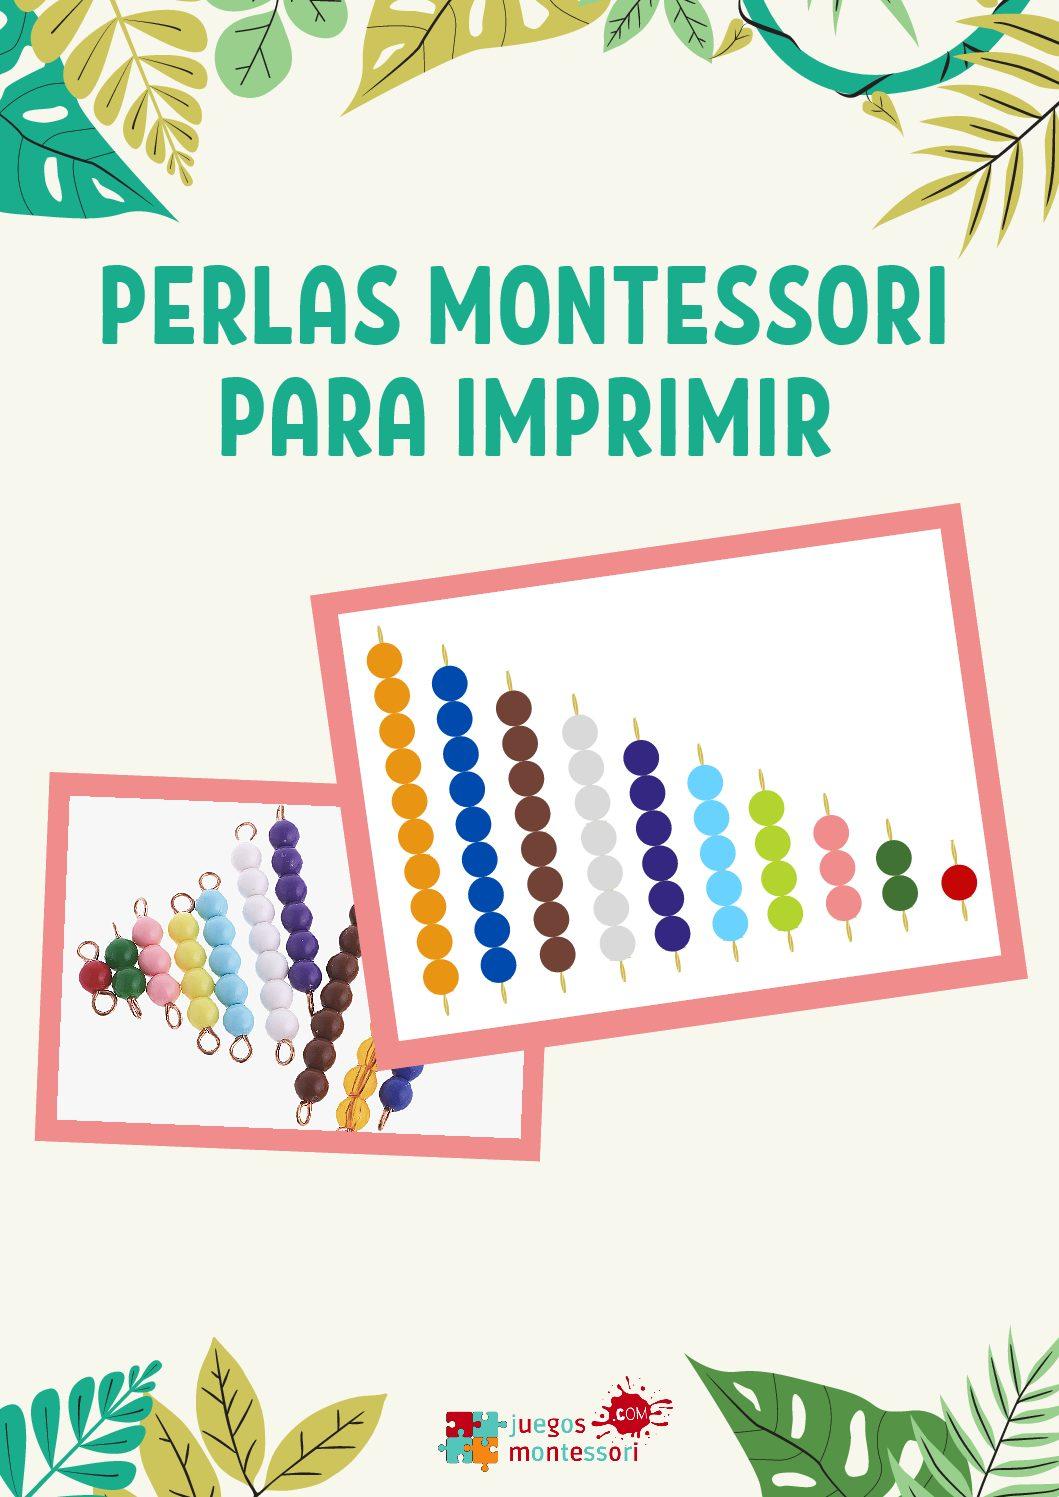 Perlas Montessori para Imprimir en PDF | + Sistema Decimal imprimible